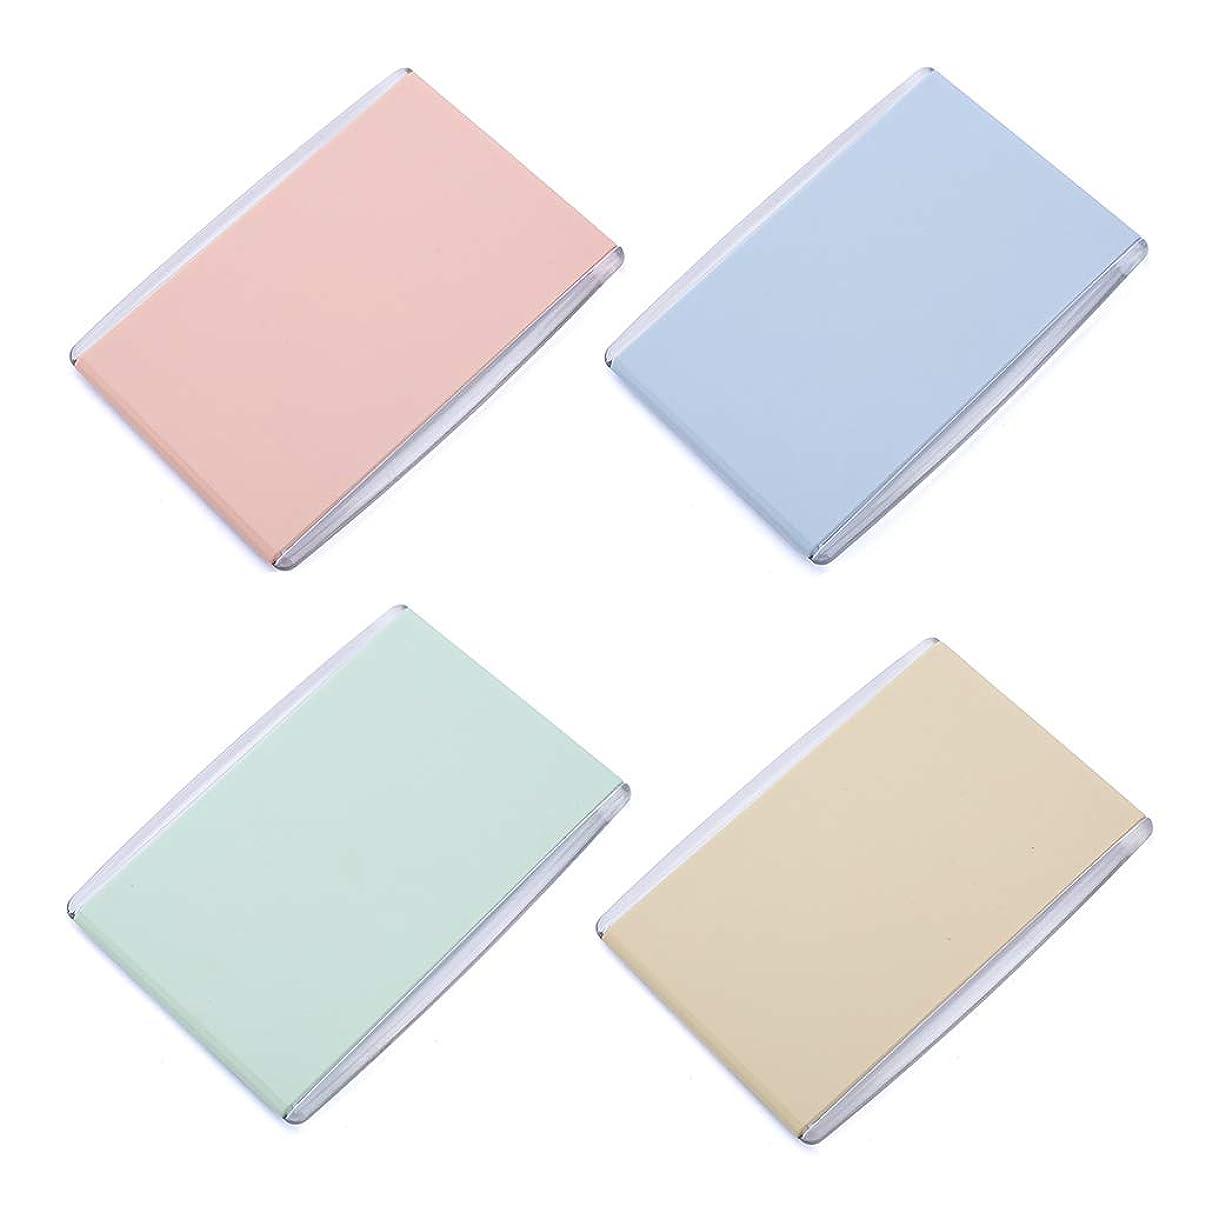 北東オプショナルポスターManyao 1Pc女性の女の子ポータブル折りたたみ長方形7.8x11cmミニコンパクトポケットミラーキャンディーカラー片面の旅行デスクトップの化粧品ツール